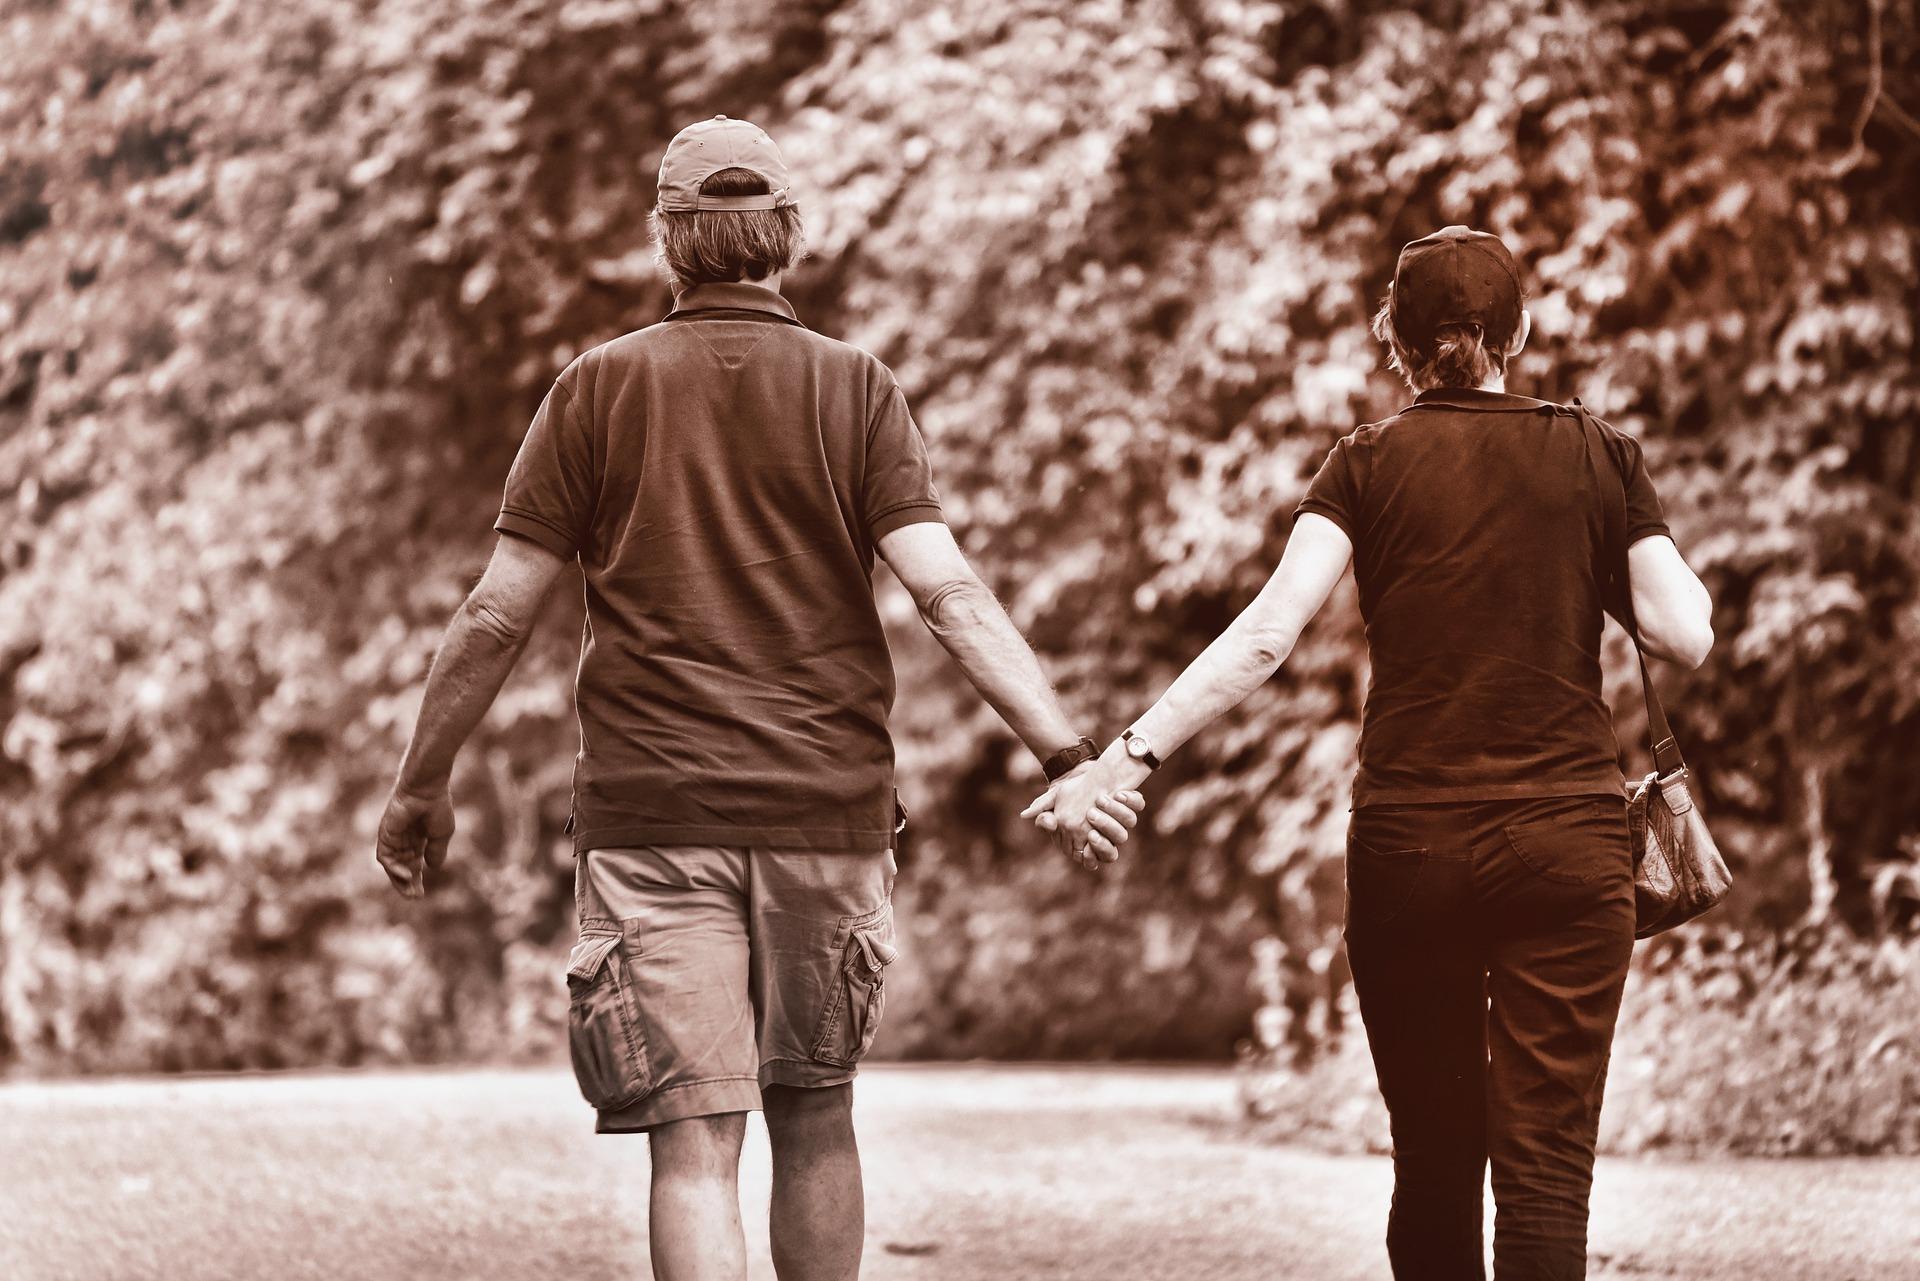 離婚したい夫がとる行動を知りたい!既婚男性の行動や心理から読み解く方法と旦那を取り戻す方法